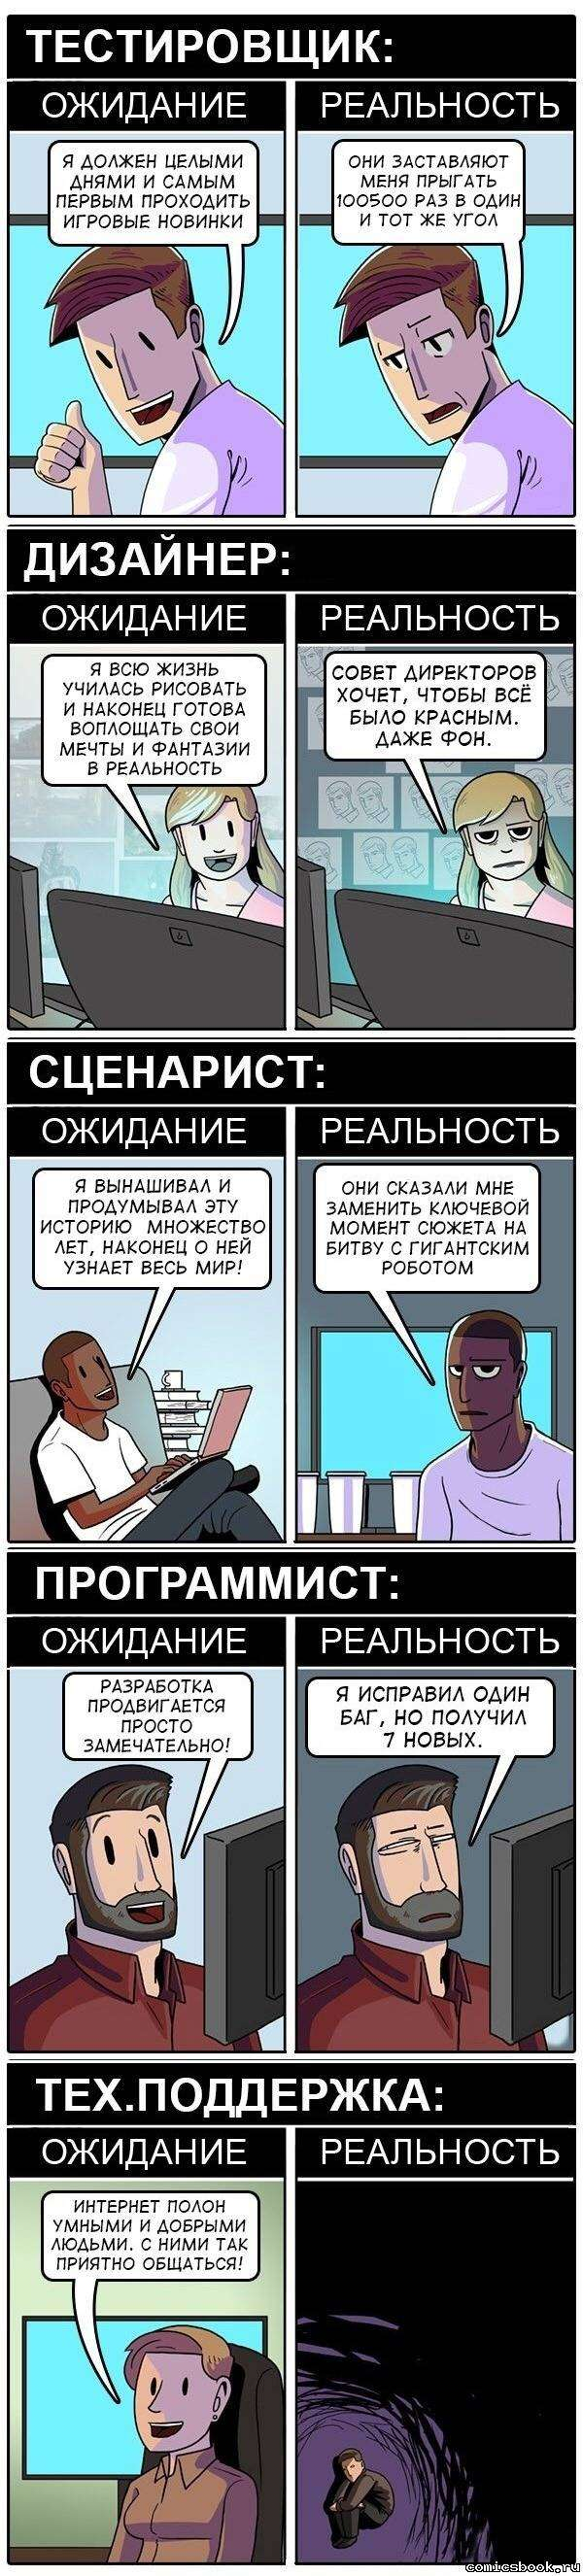 Комикс Работа мечты